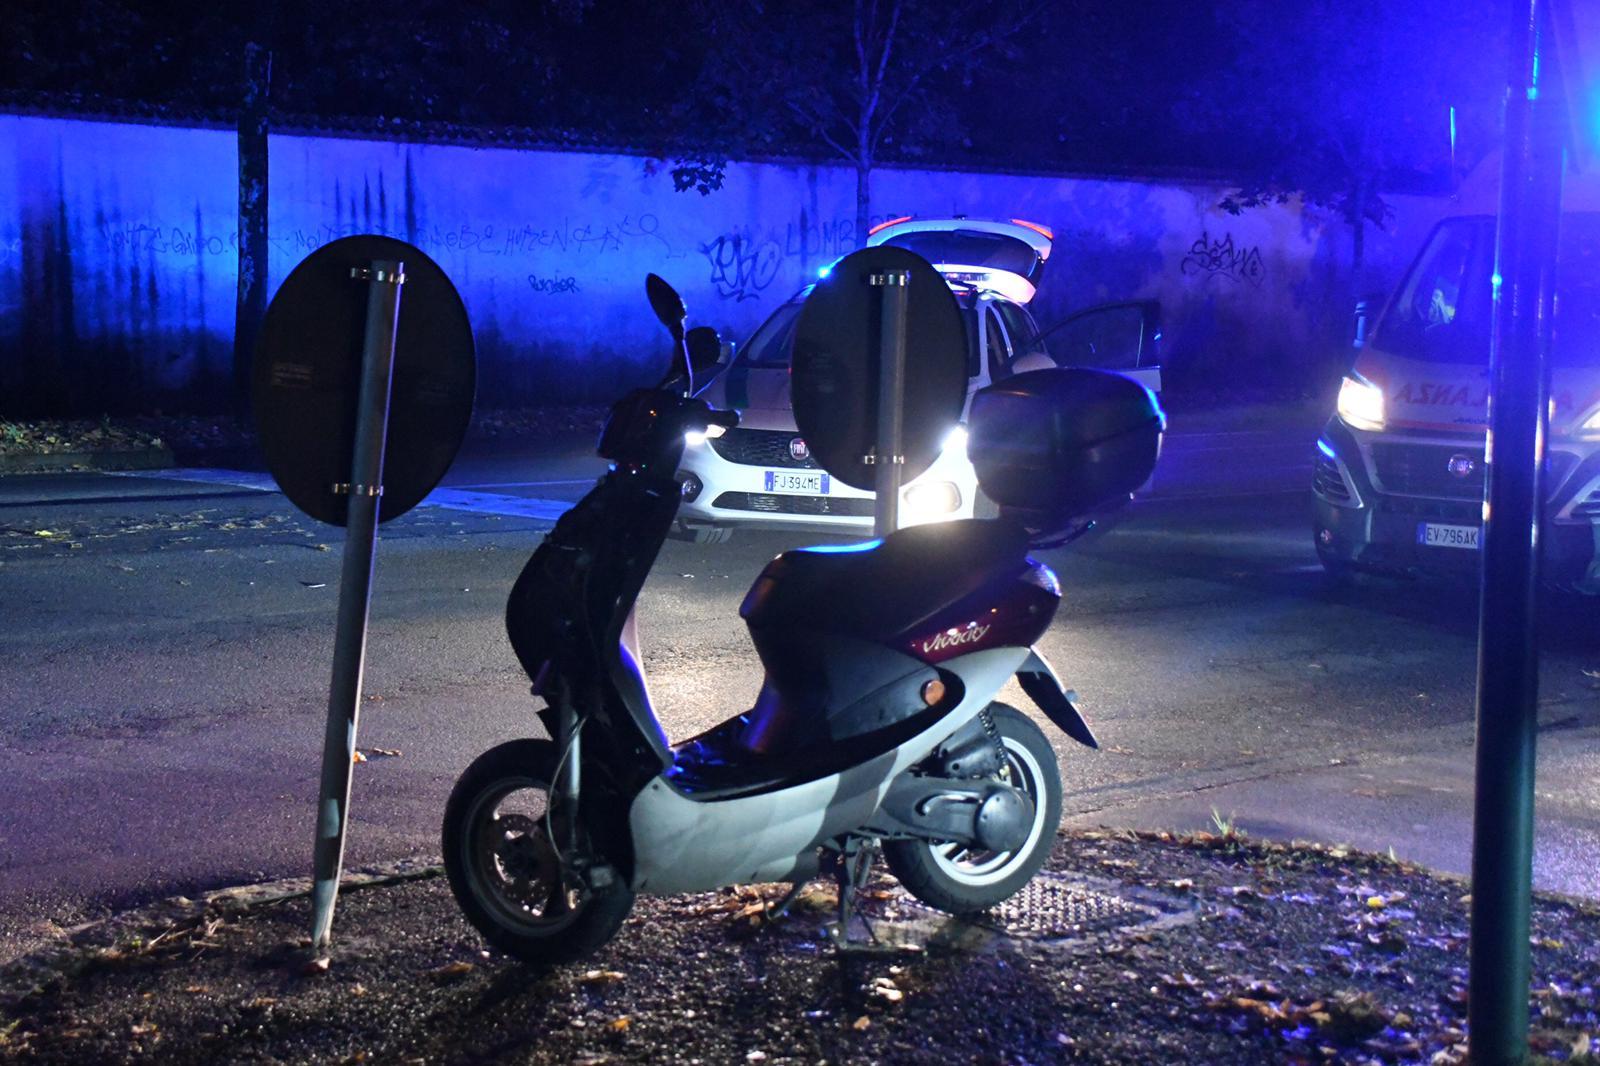 Positivo all'alcol test e senza assicurazione, travolge due ragazze in scooter